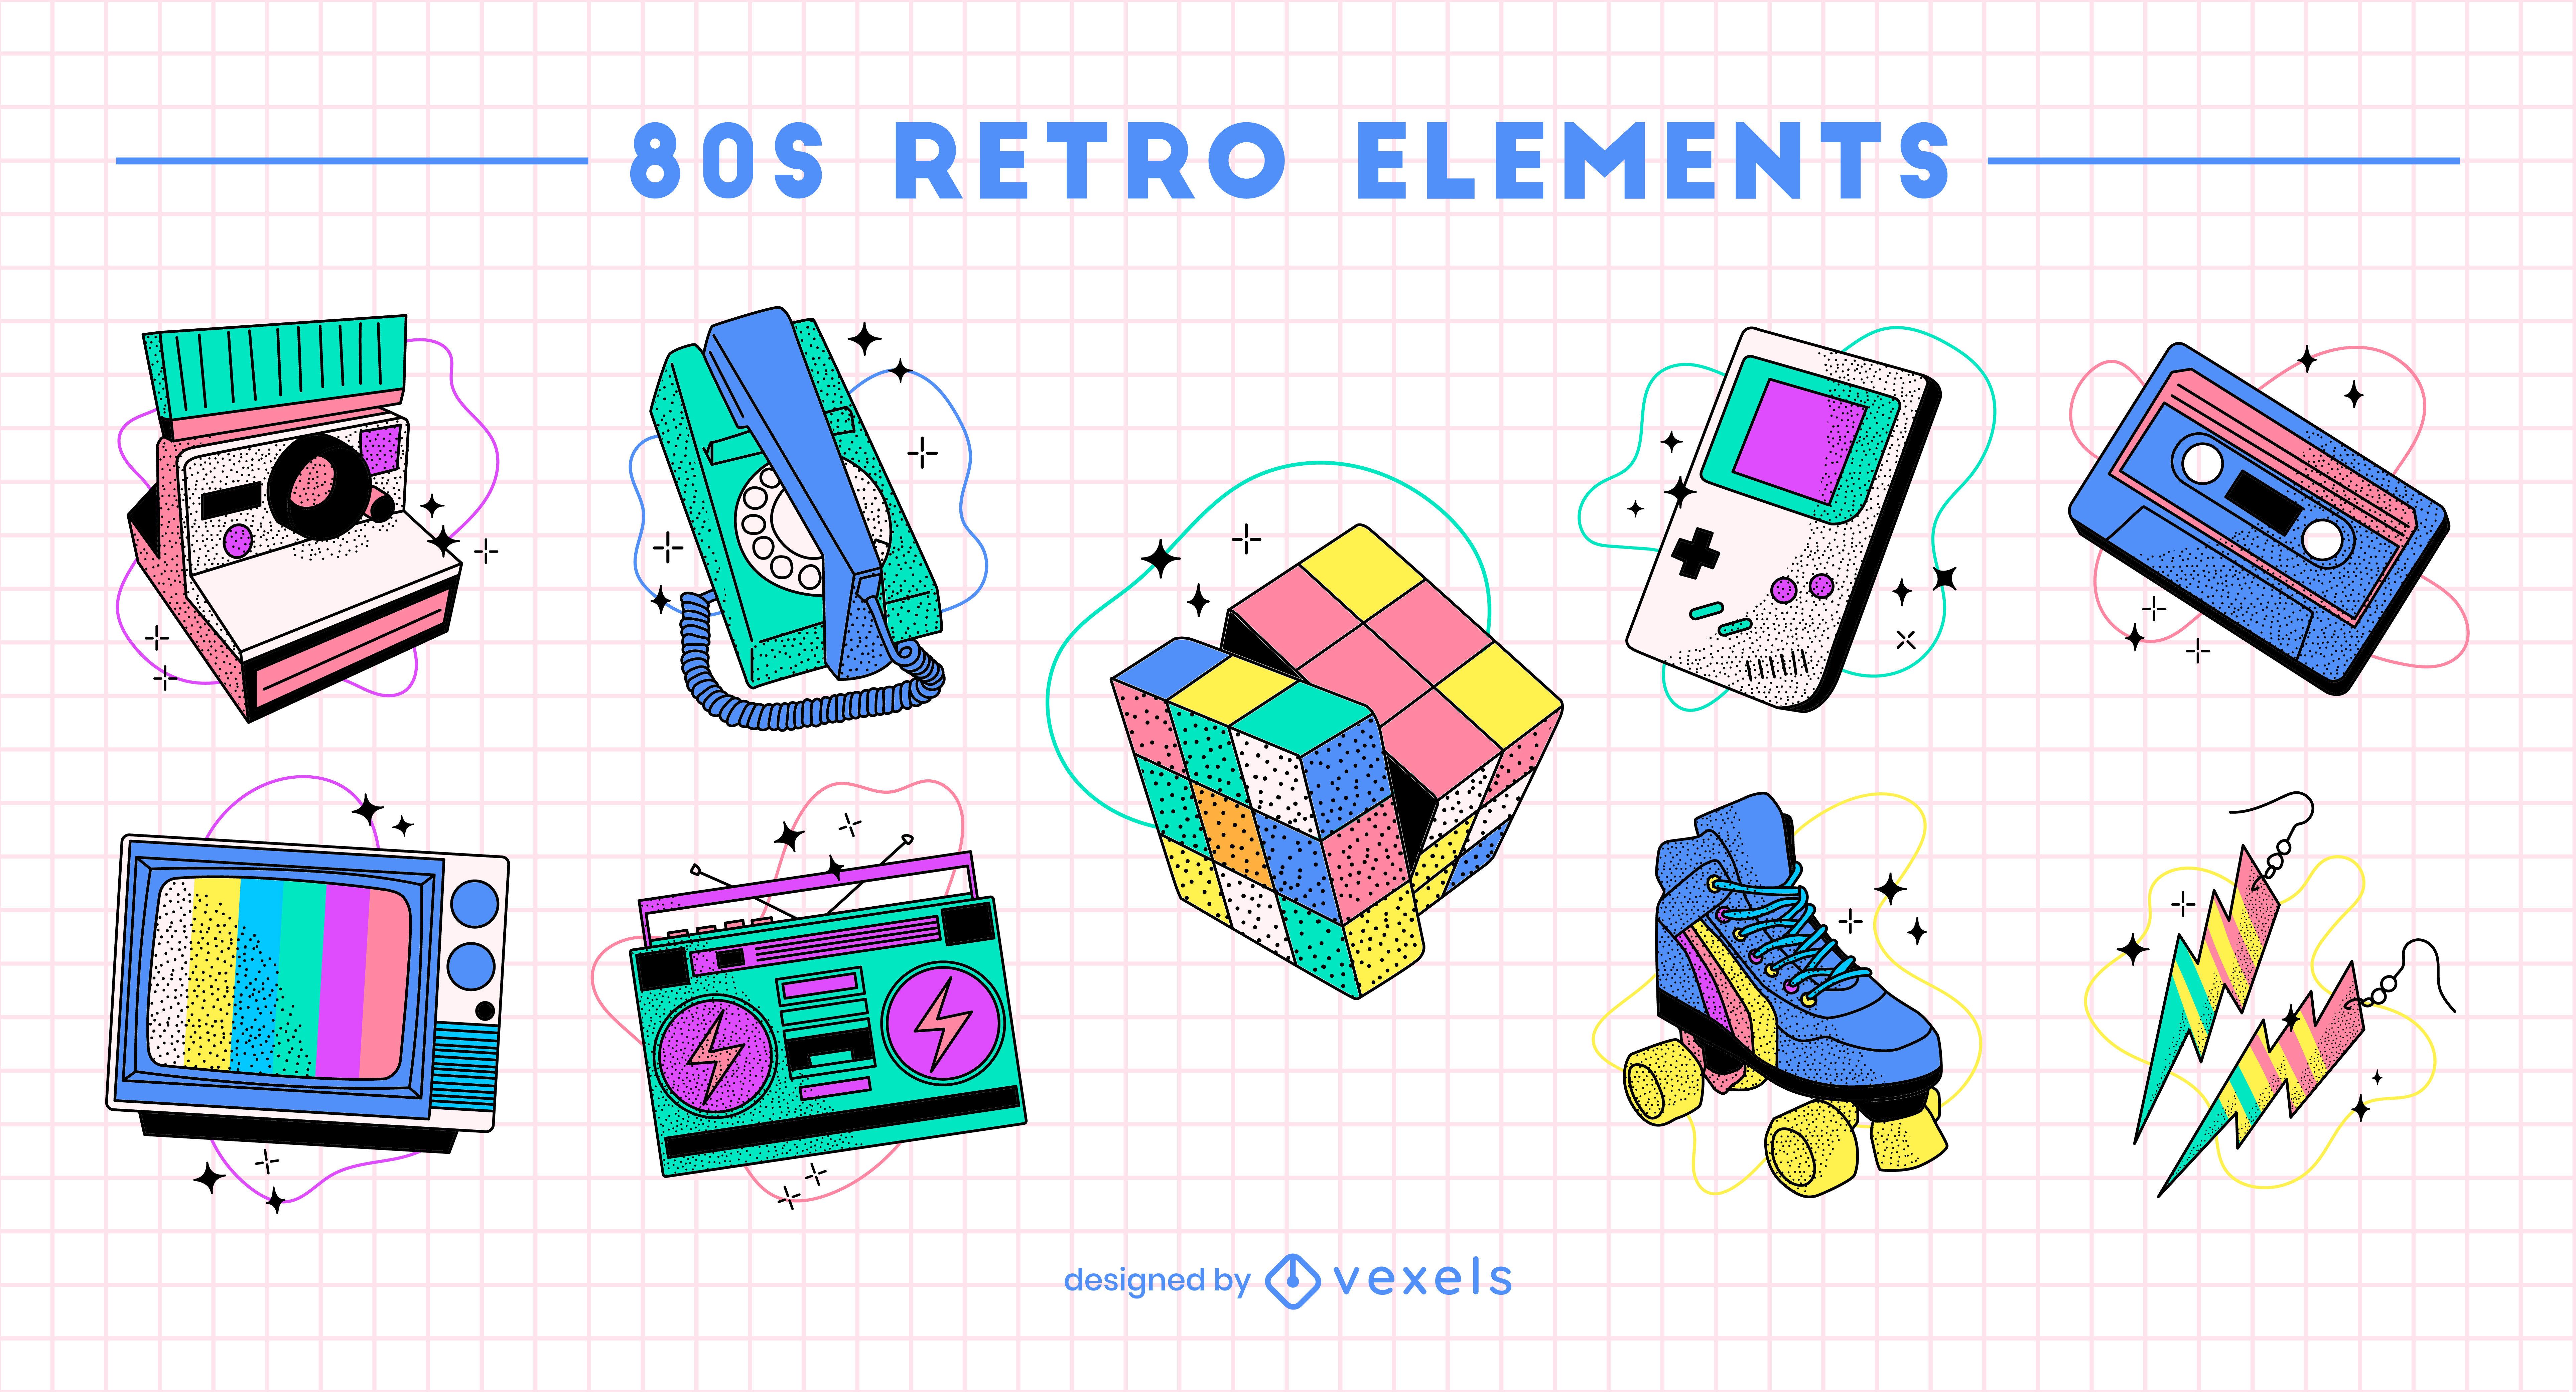 Divertido conjunto de elementos retro de pasatiempos de los 80.